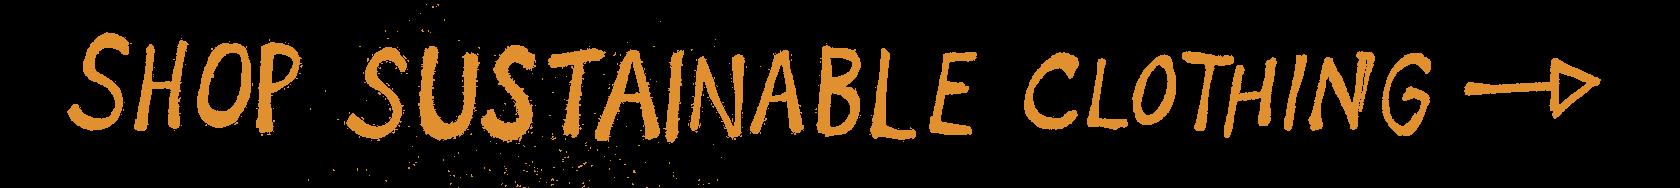 Shop sustainable Clothing Button Orange